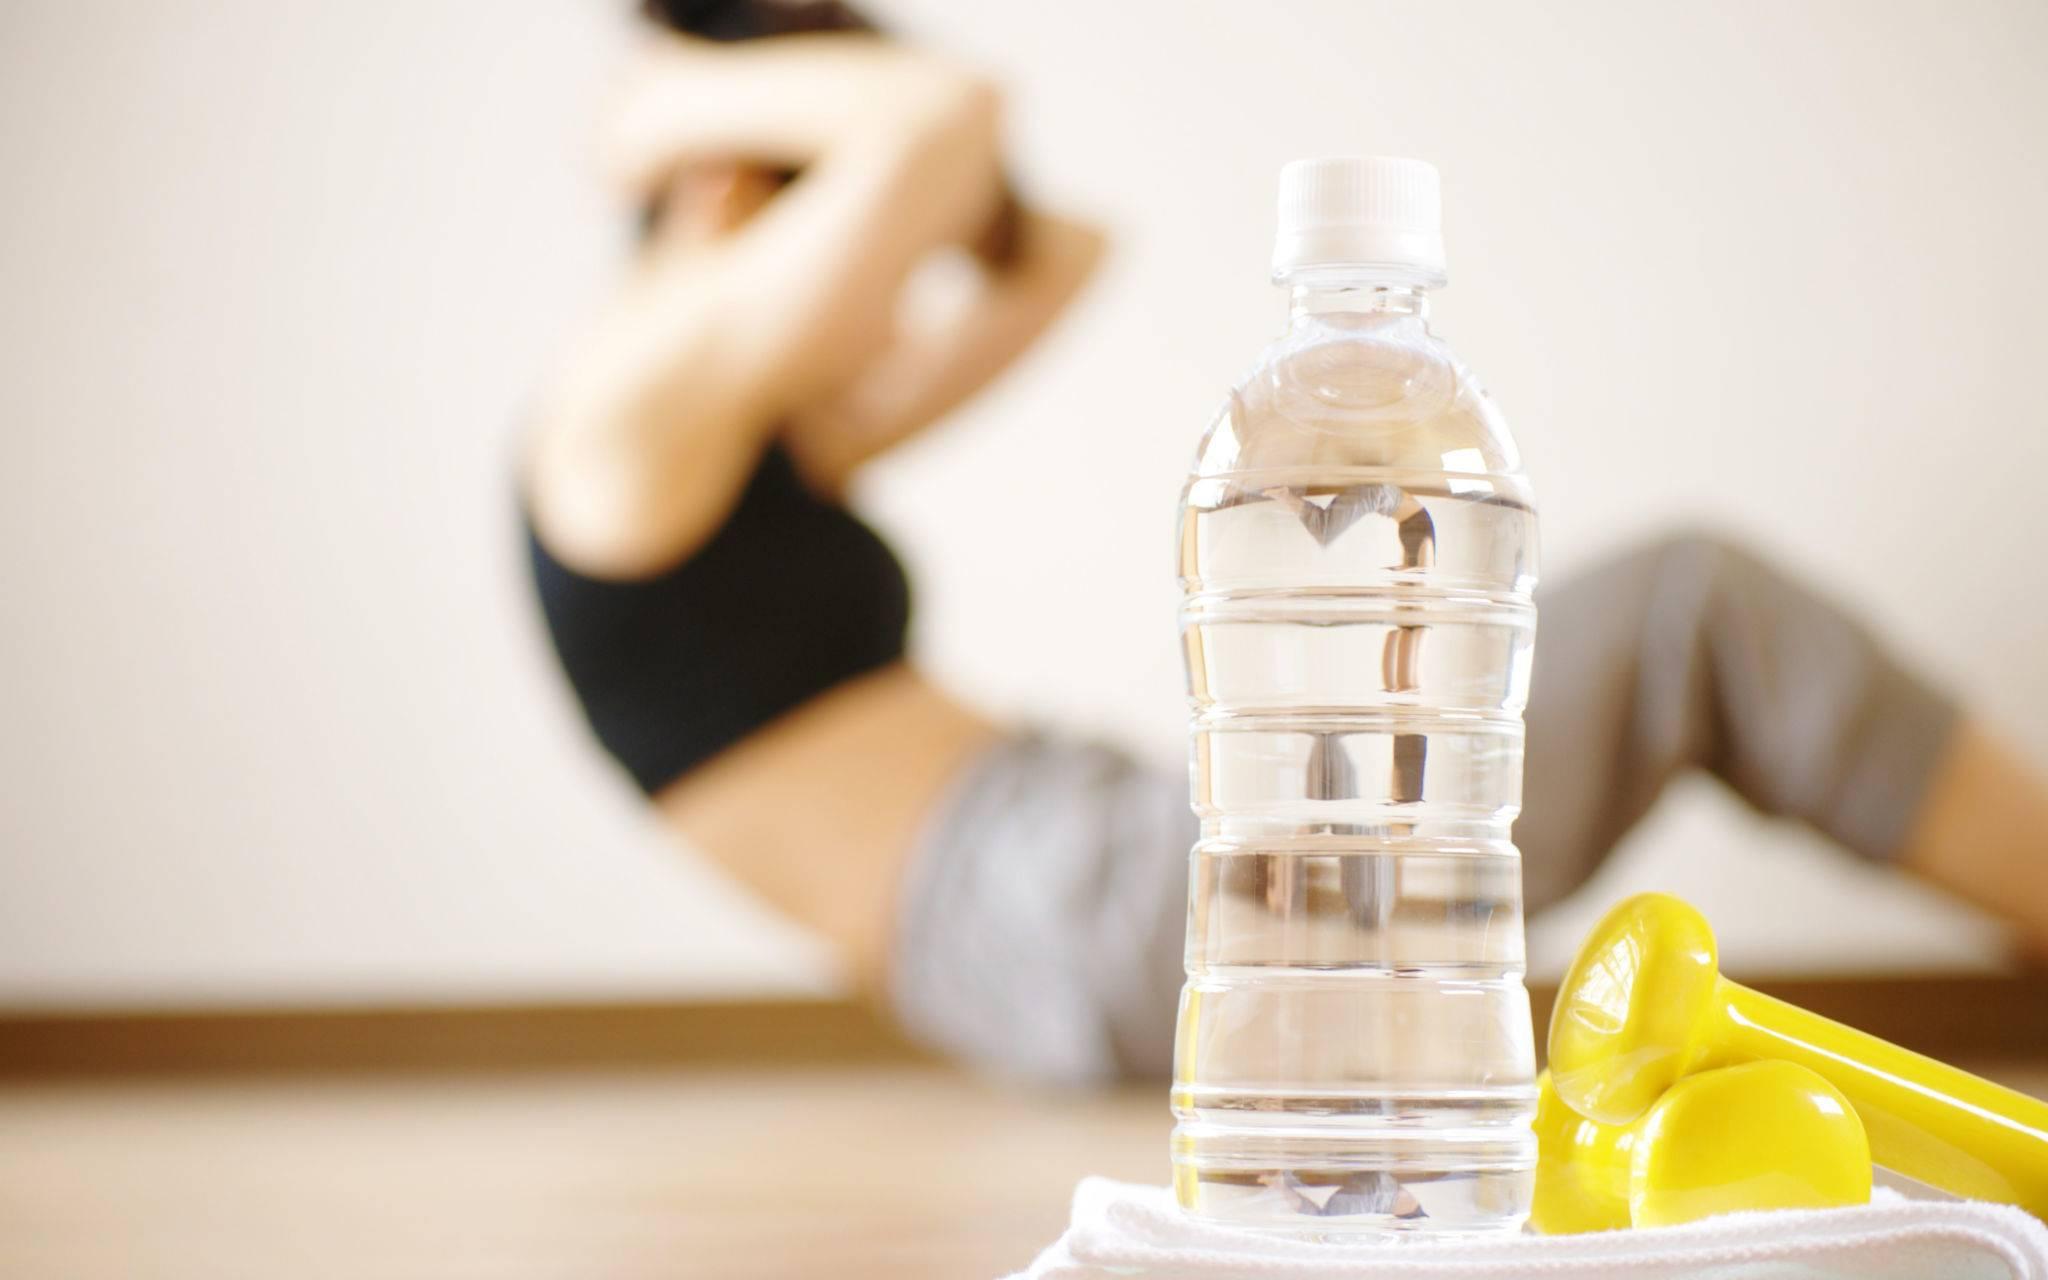 Надо ли пить воду во время тренировки?